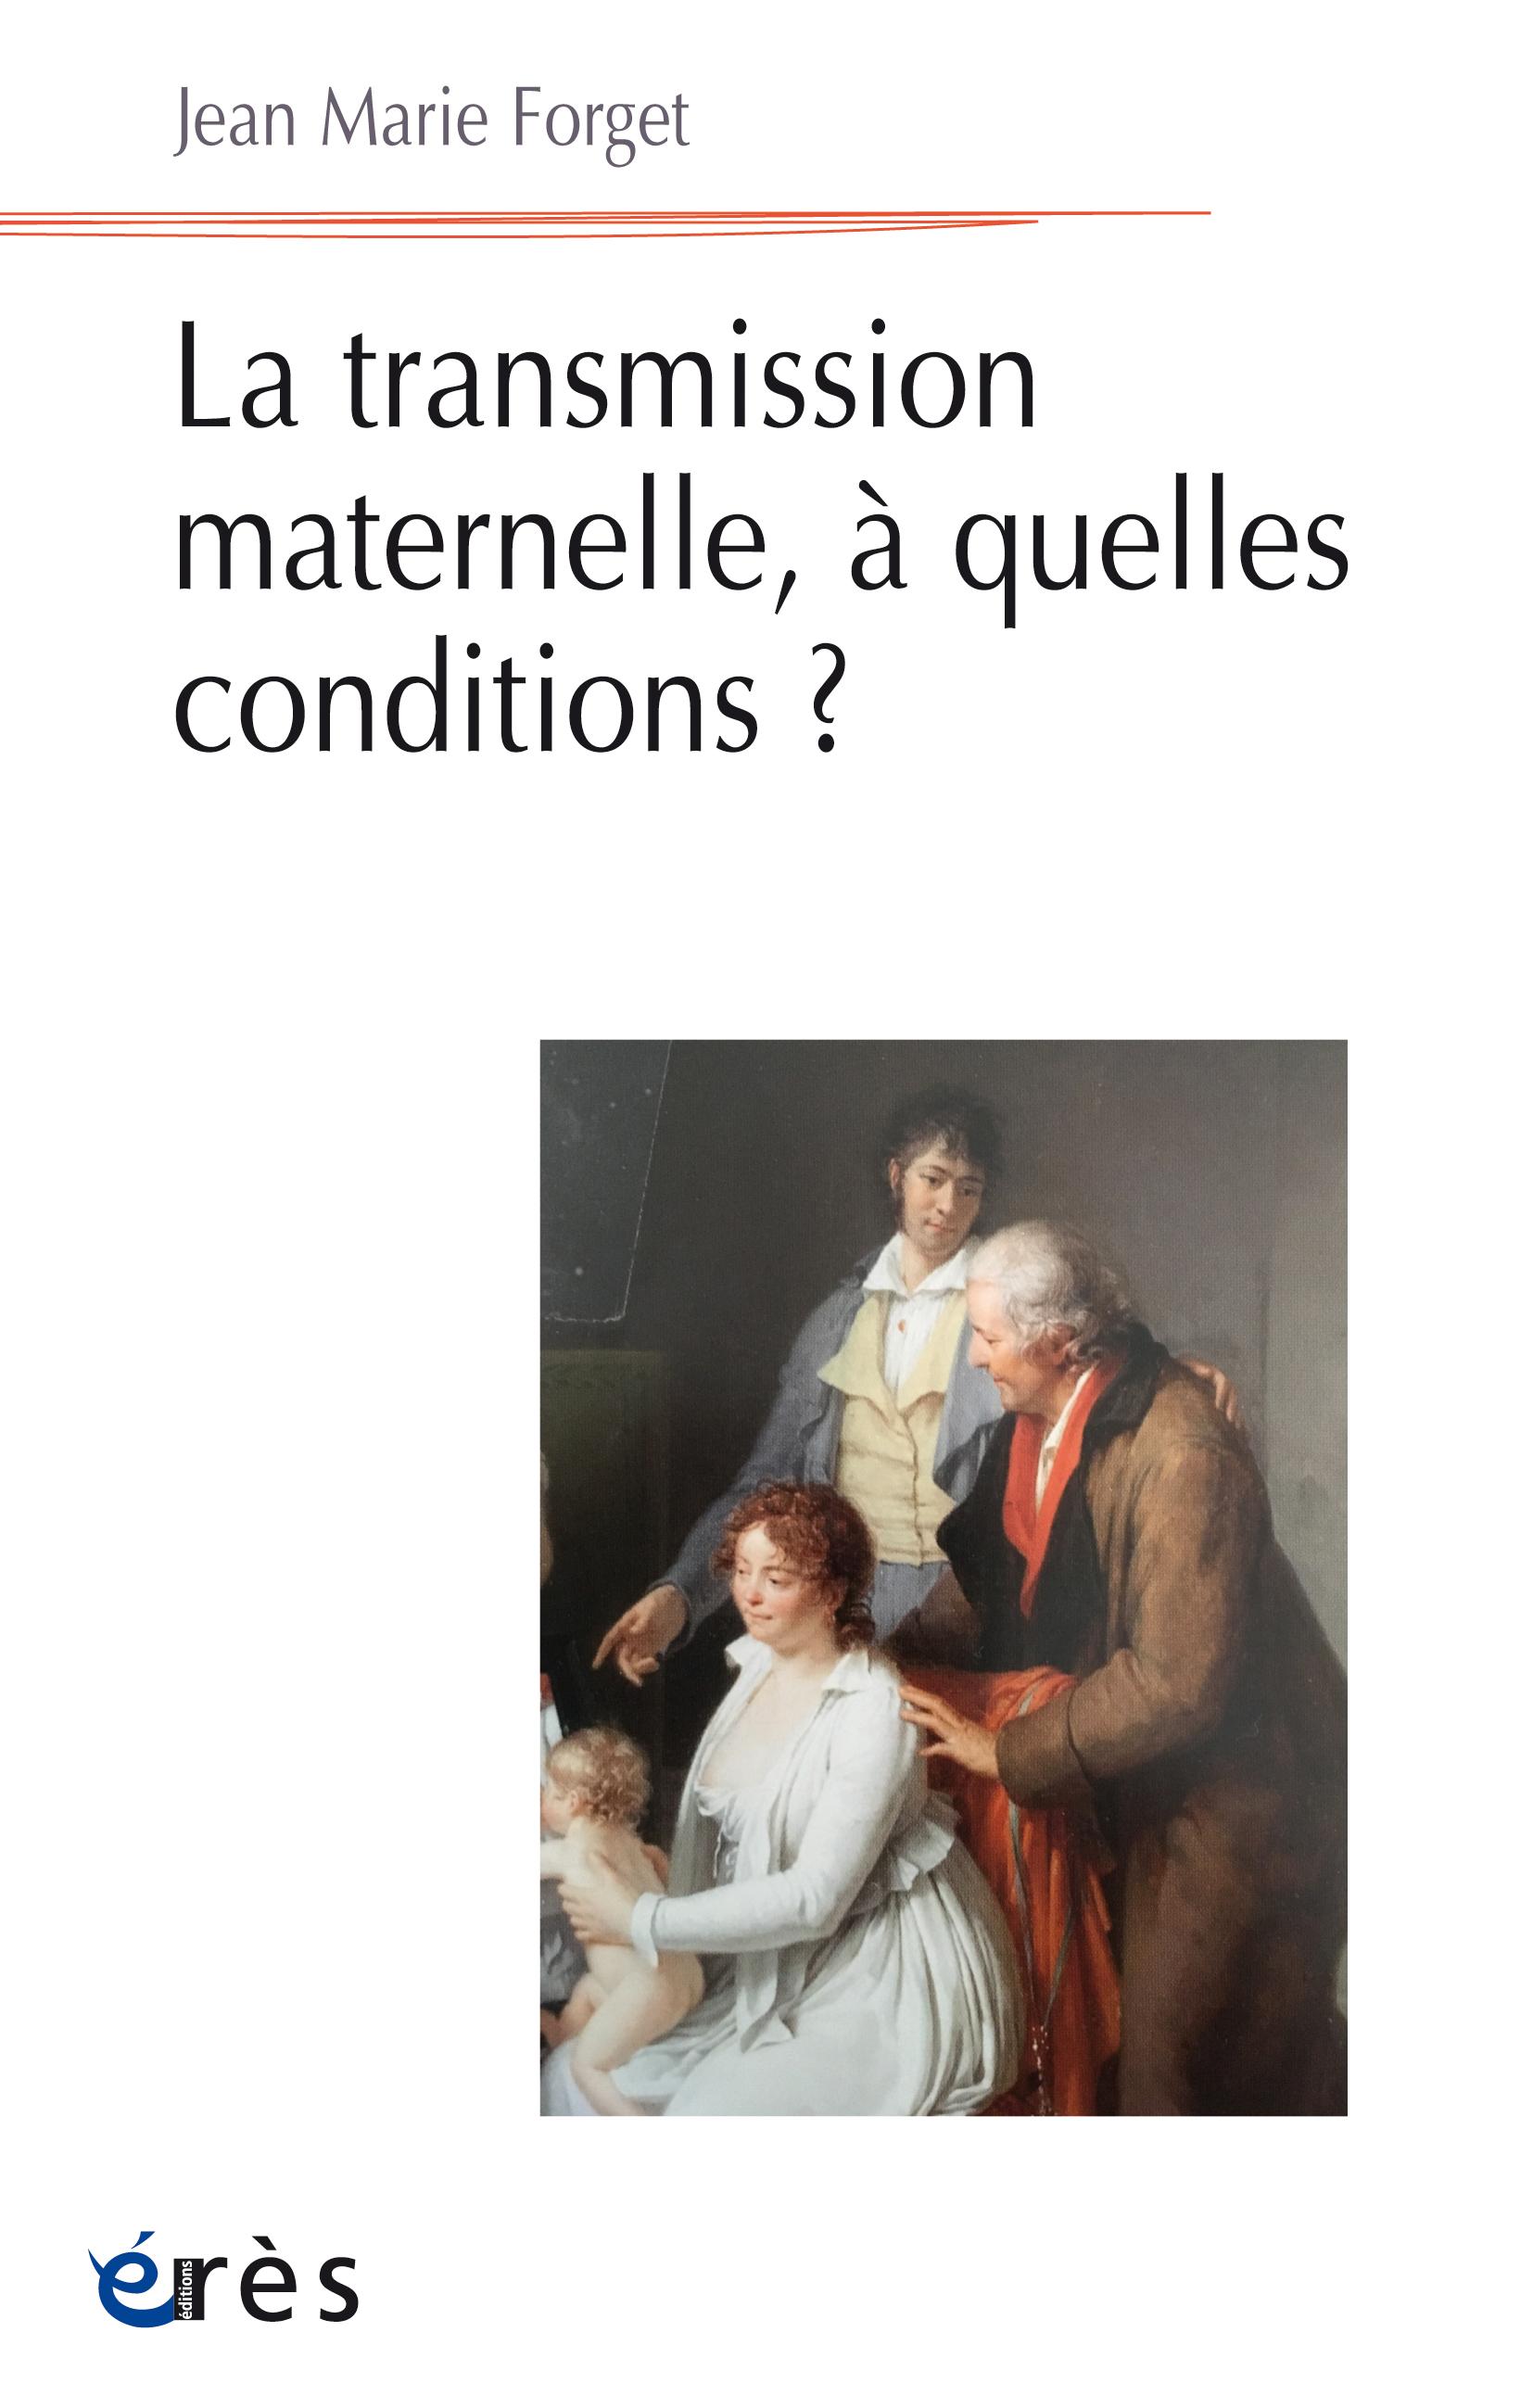 La transmission maternelle, à quelles conditions ?